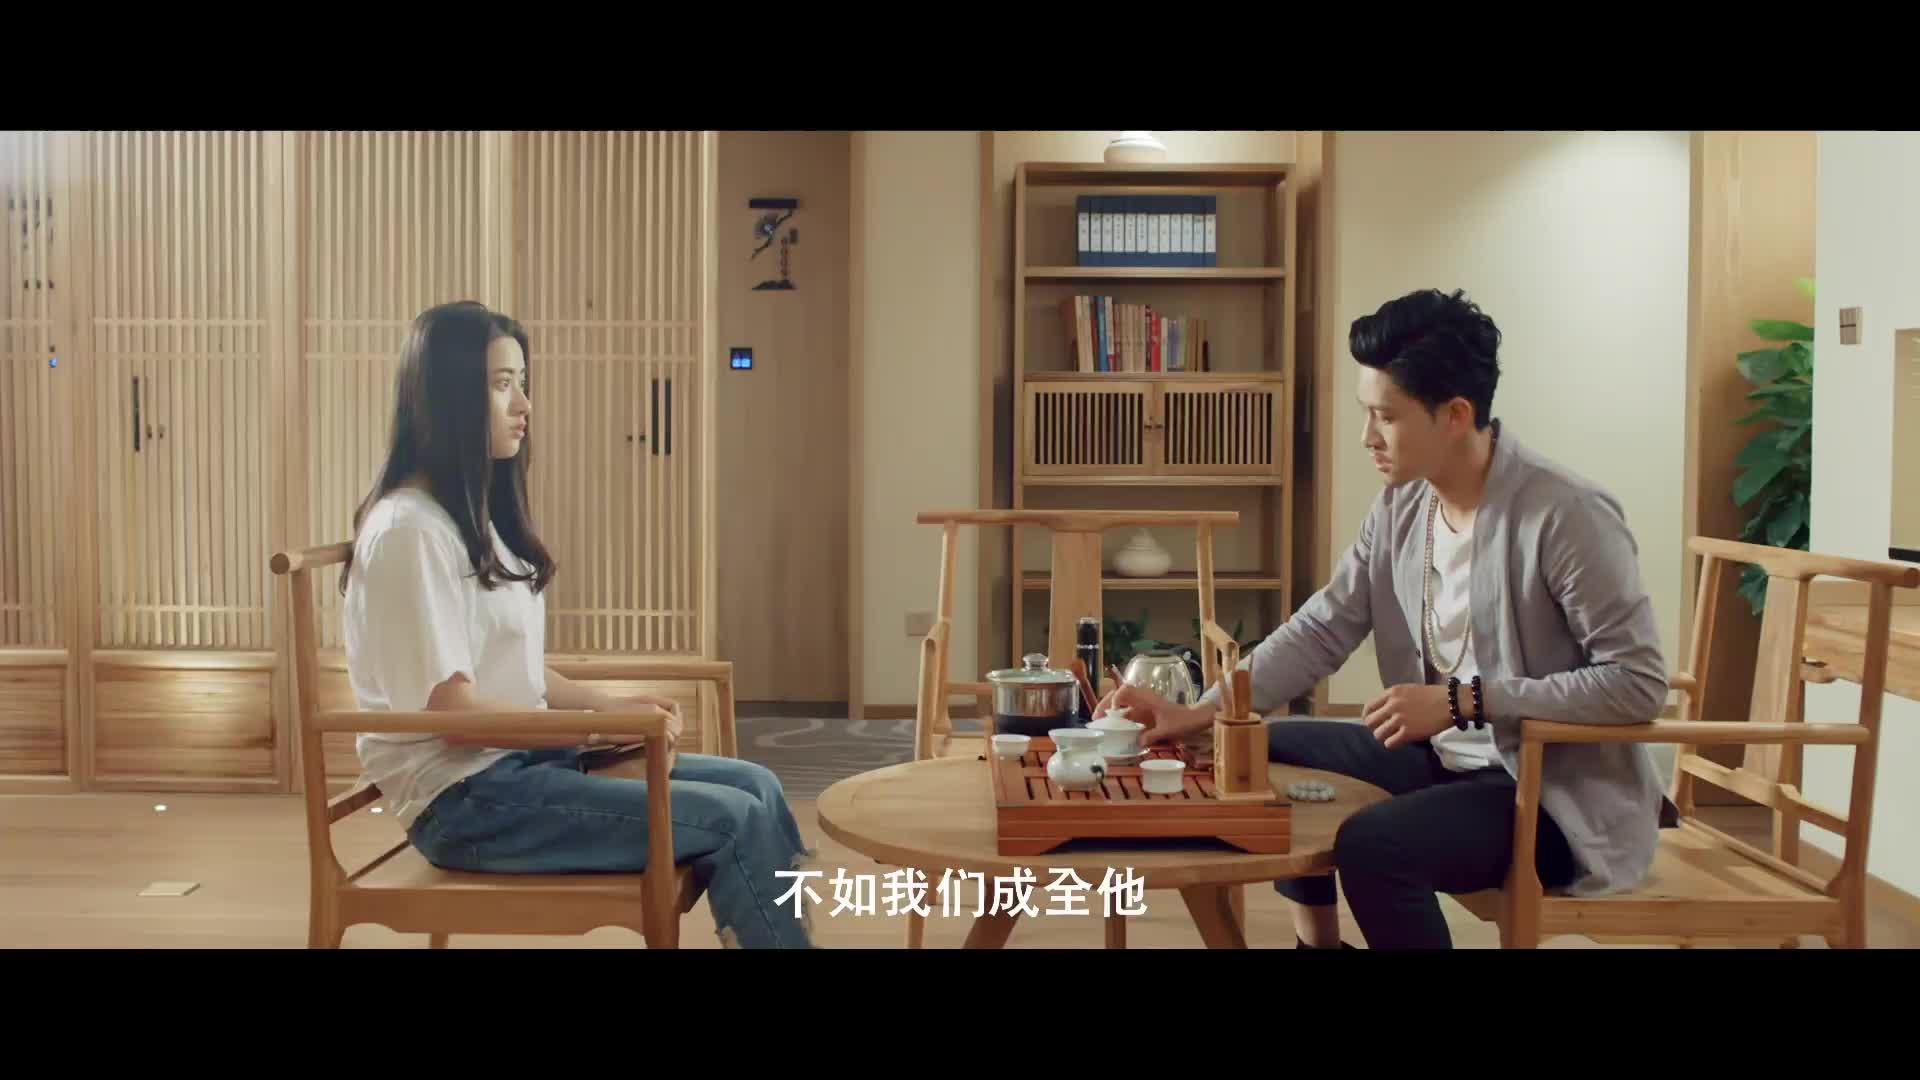 《爱上入殓师》预告片